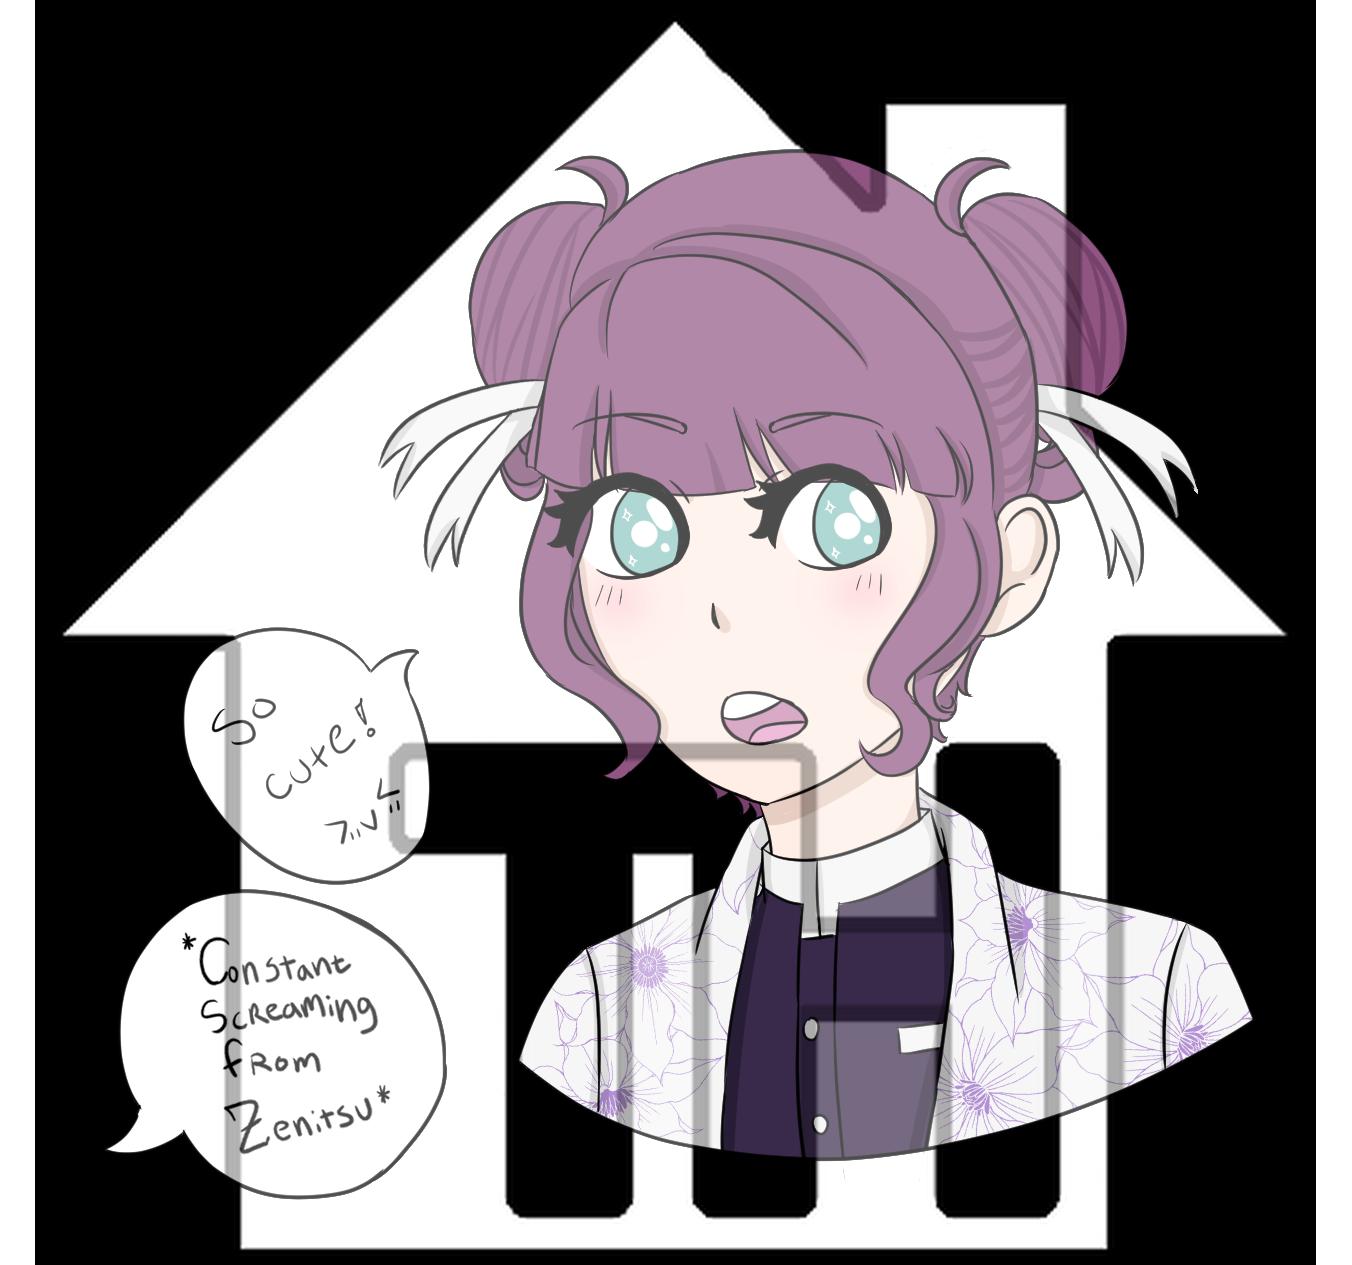 Transparent Anime Pfp Tiktok